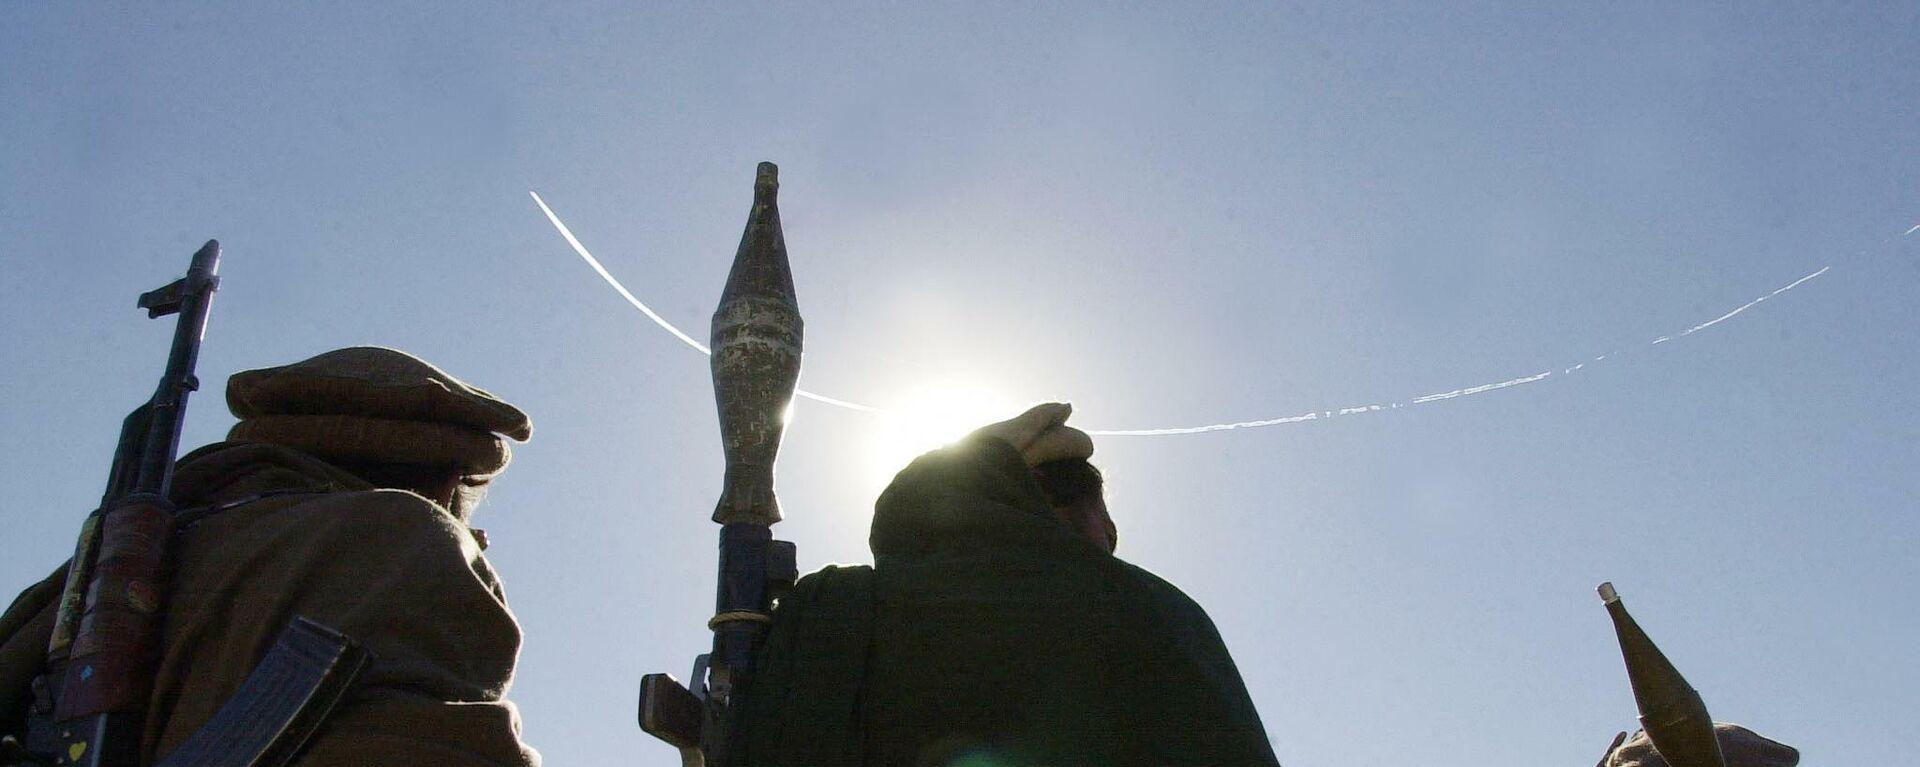 Вооруженные люди в Афганистане - Sputnik Тоҷикистон, 1920, 31.08.2021